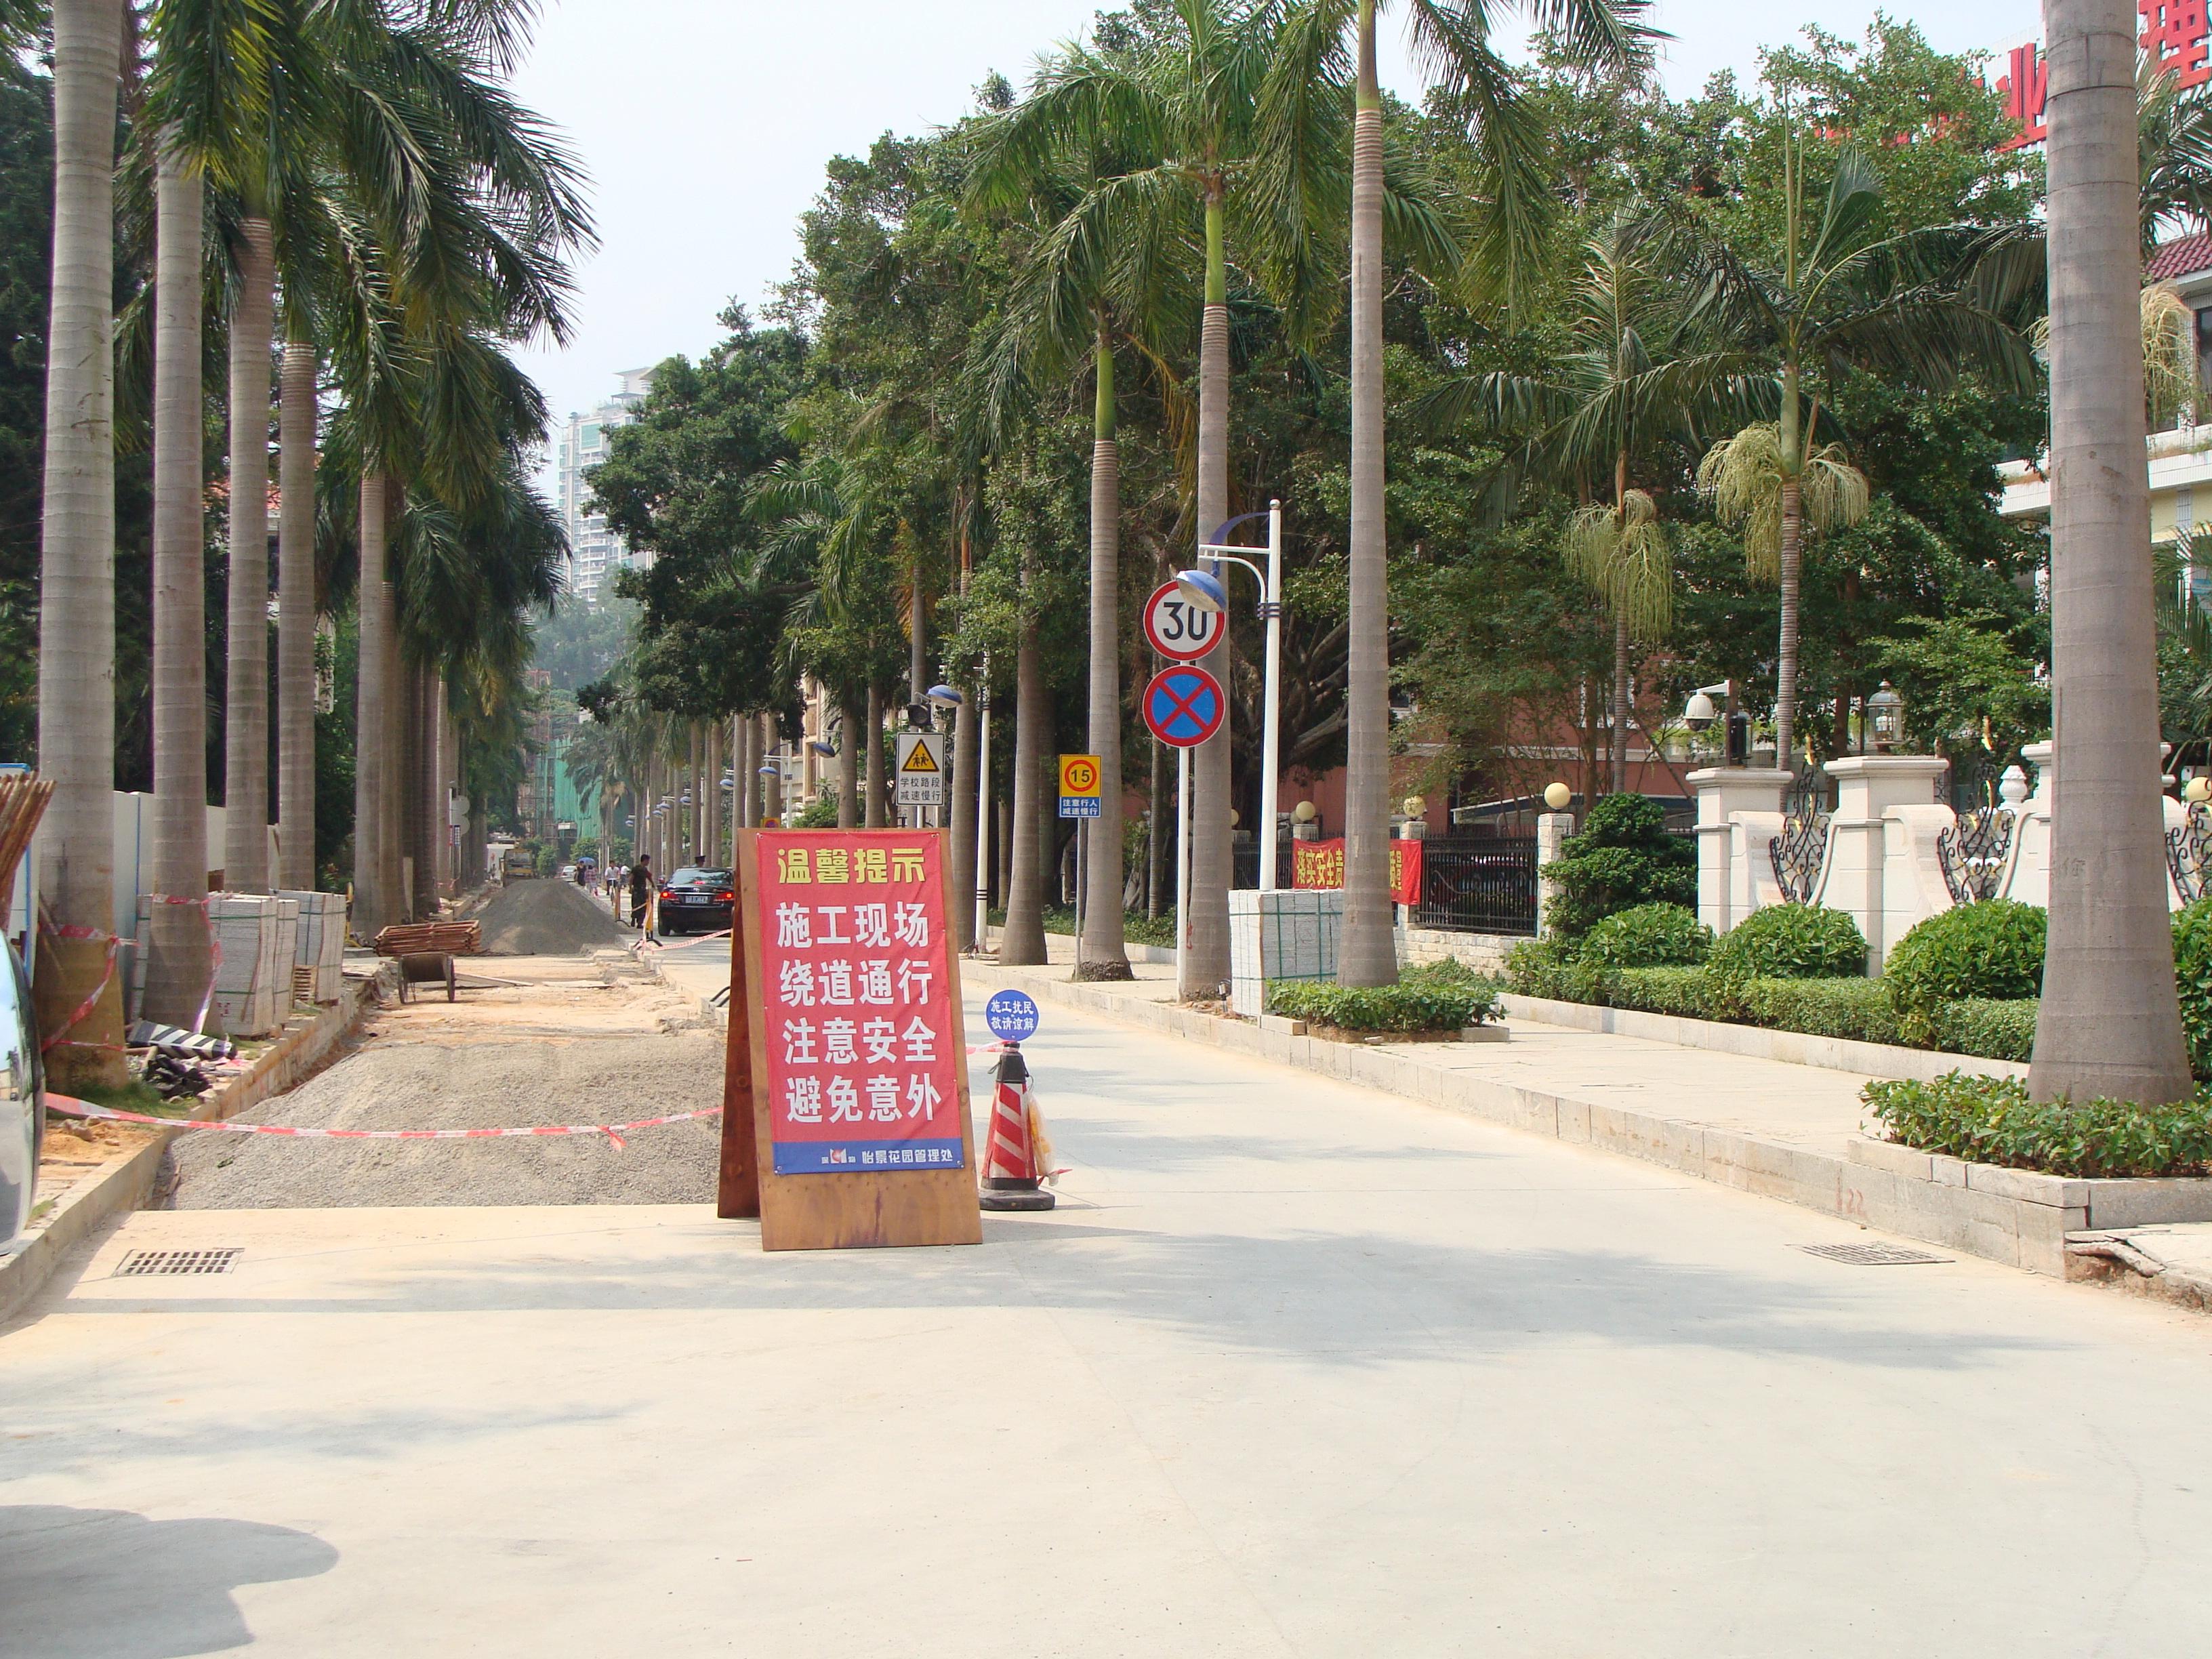 怡景:改造小区道路,提升居住环境